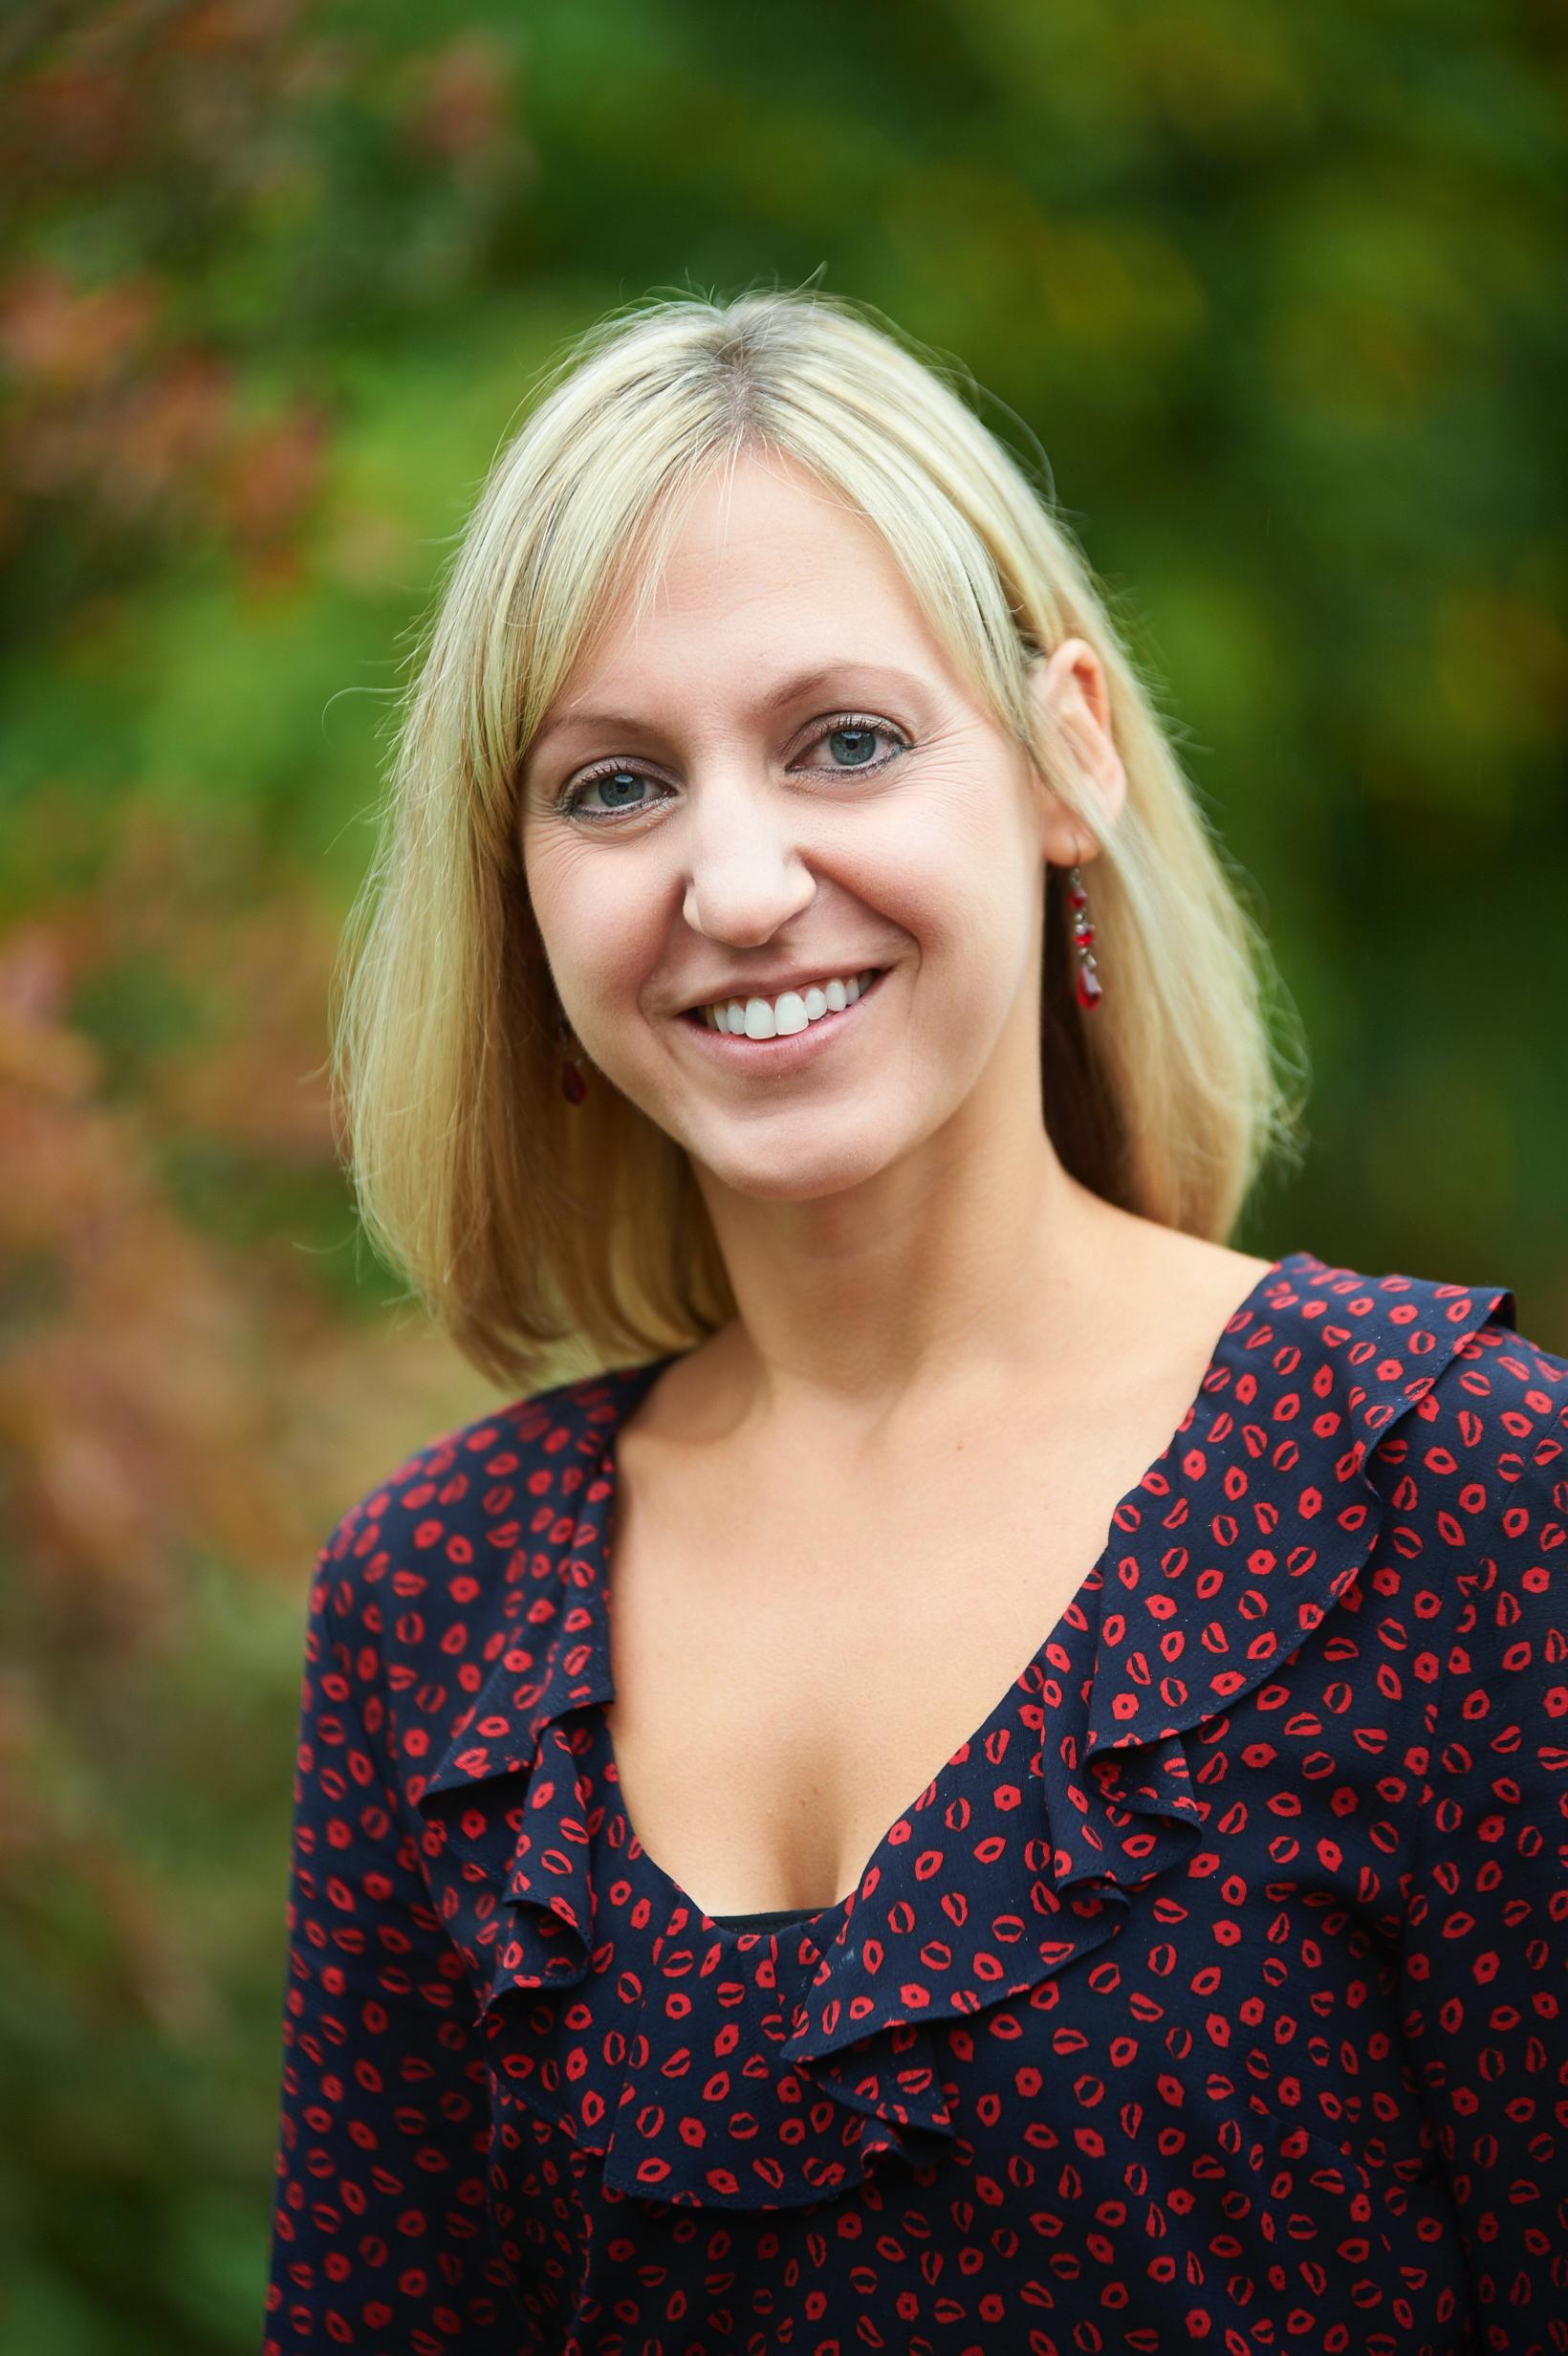 Sally Martorell